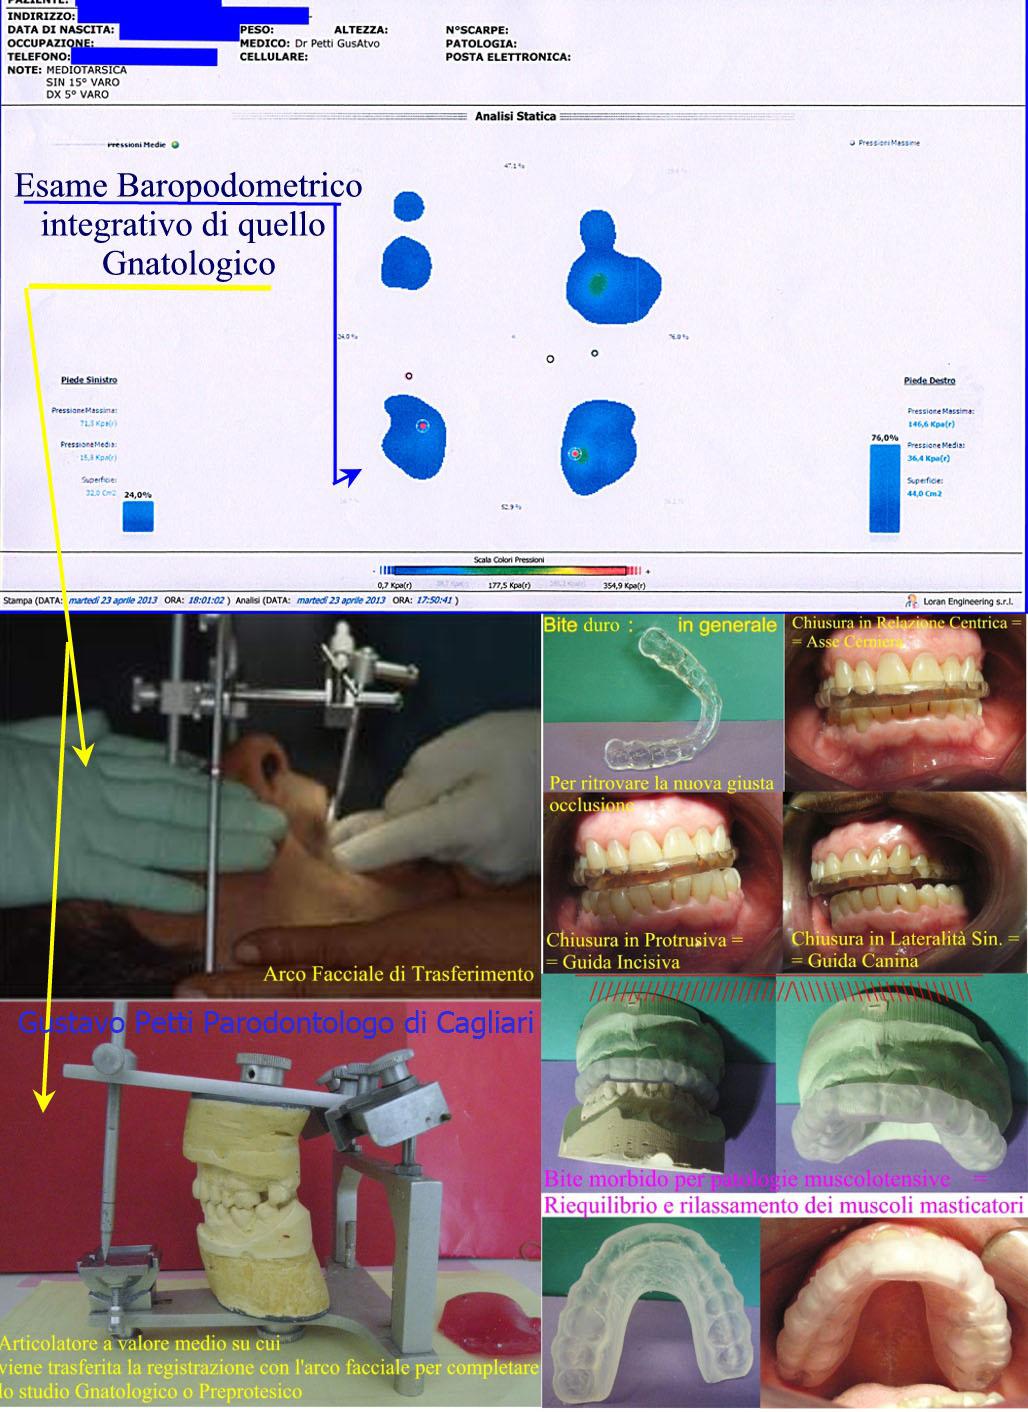 analisi-gnatologica-dr-g.petti-cagliari-153.jpg